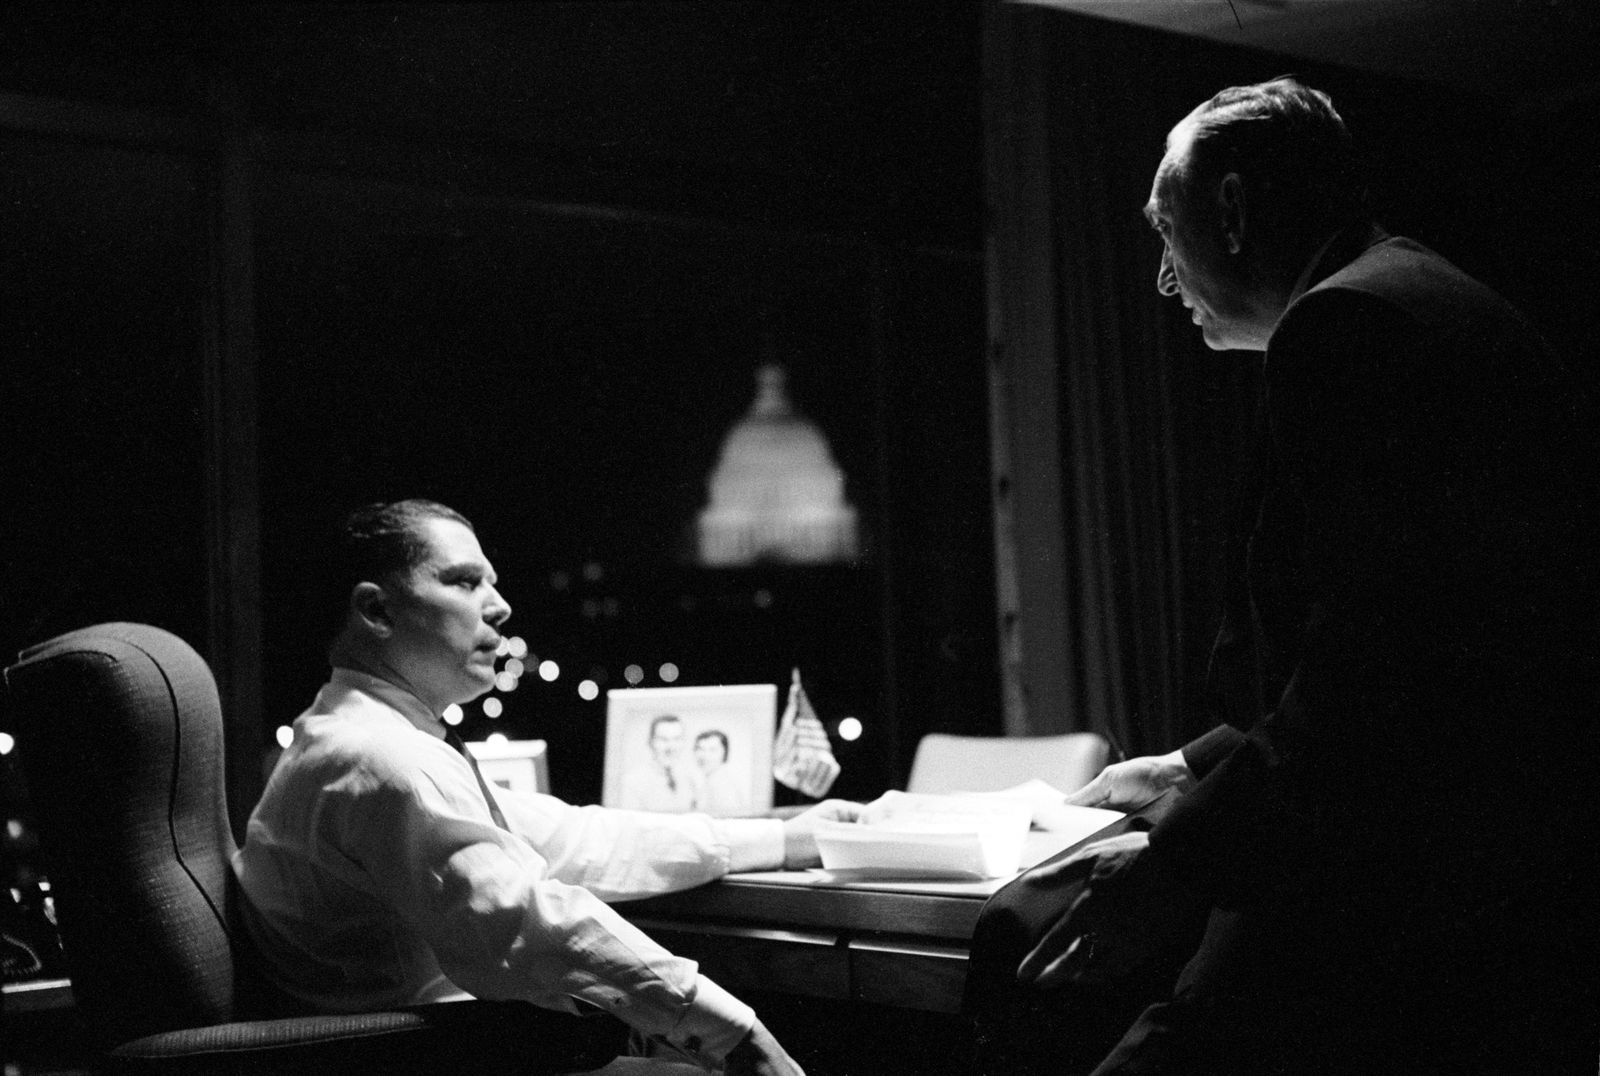 Jimmy Hoffa and Harold Gibbons